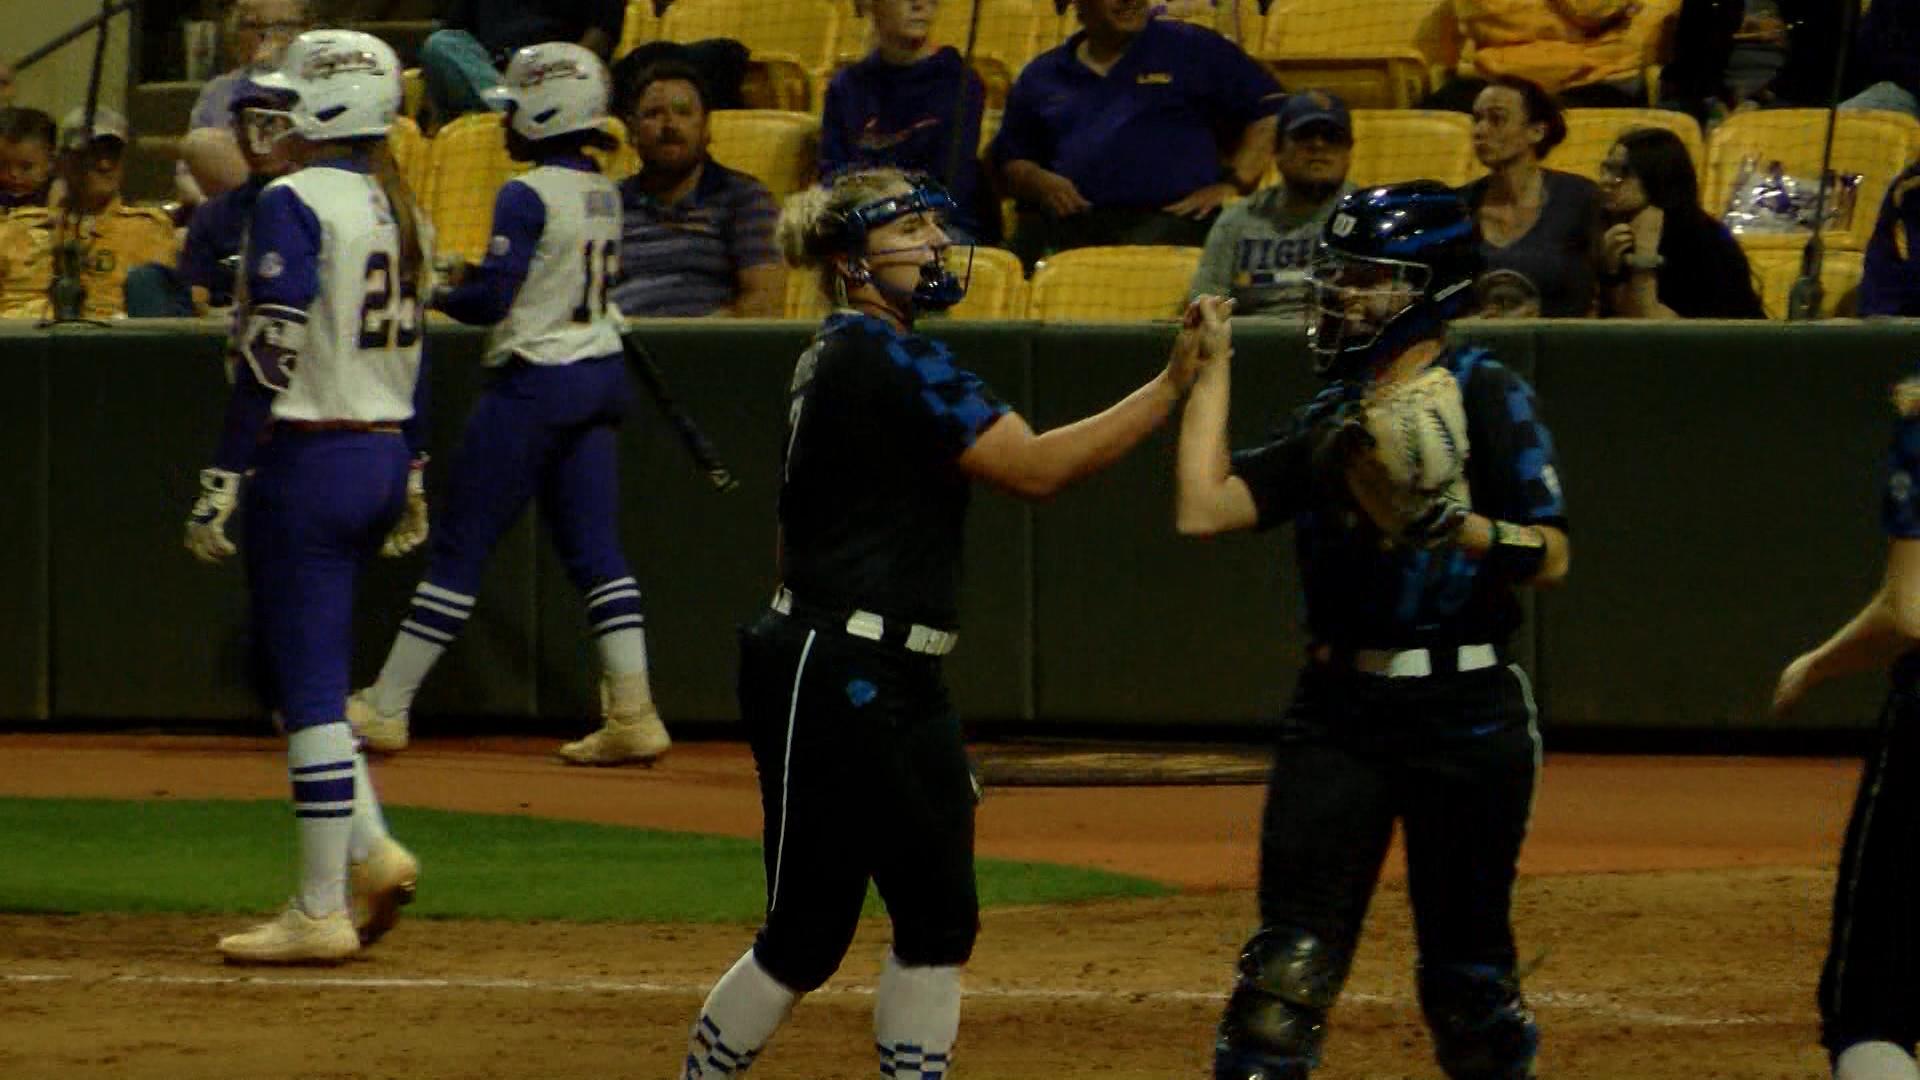 LSU softball vs Kentucky.00_00_54_17.Still001_1555121879176.jpg.jpg